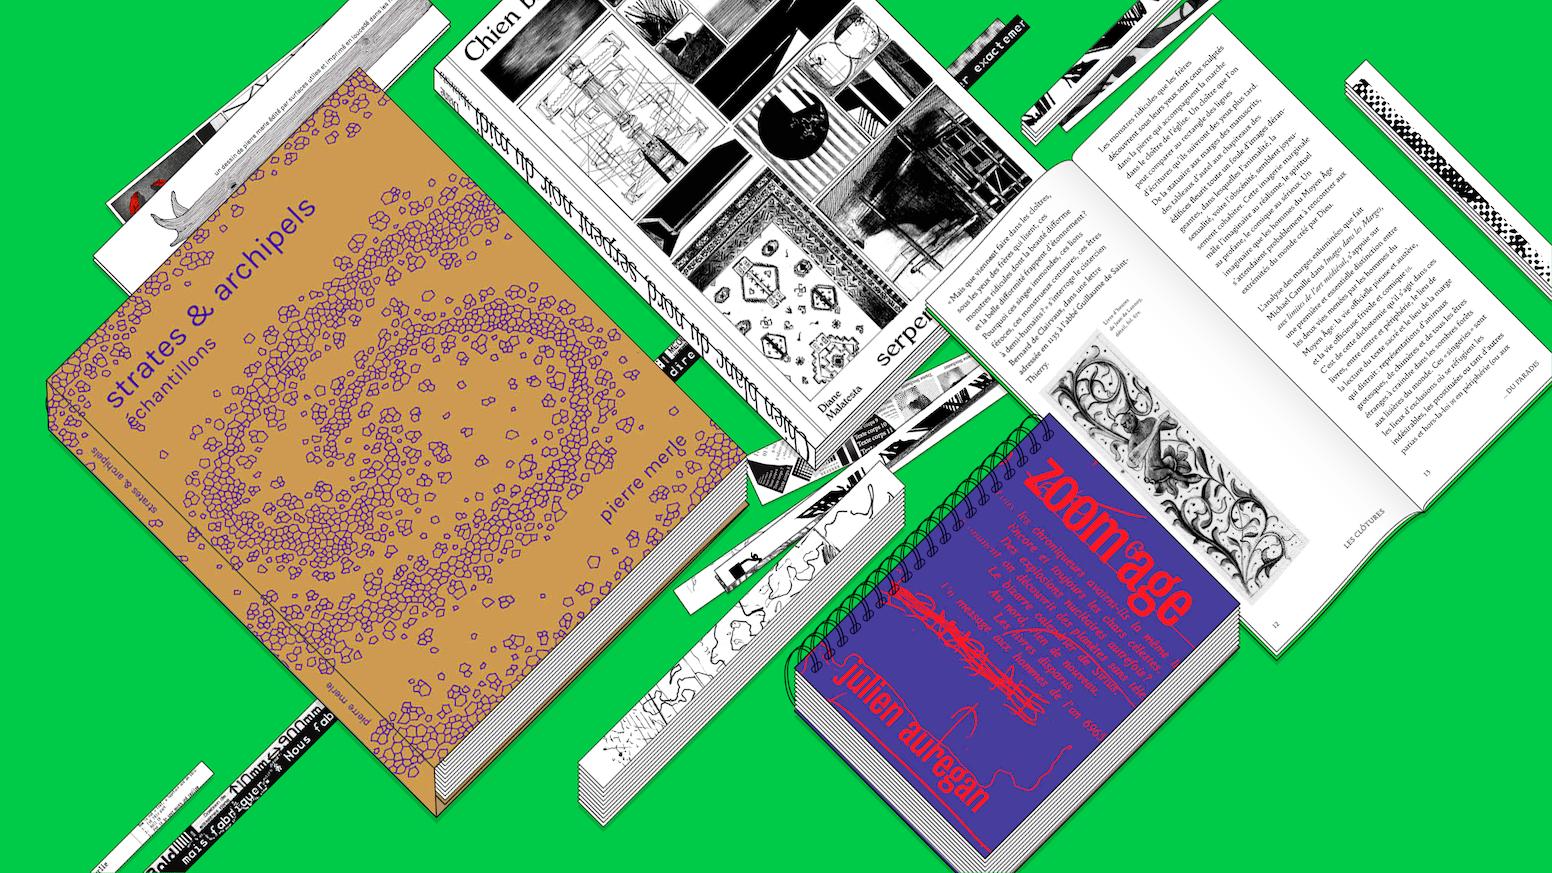 Surfaces Utiles est une maison d'édition avec jardin collectif qui cultive et promeut une hétérogénéité de pratiques artistiques, littéraires et (typo)graphique et techniques.